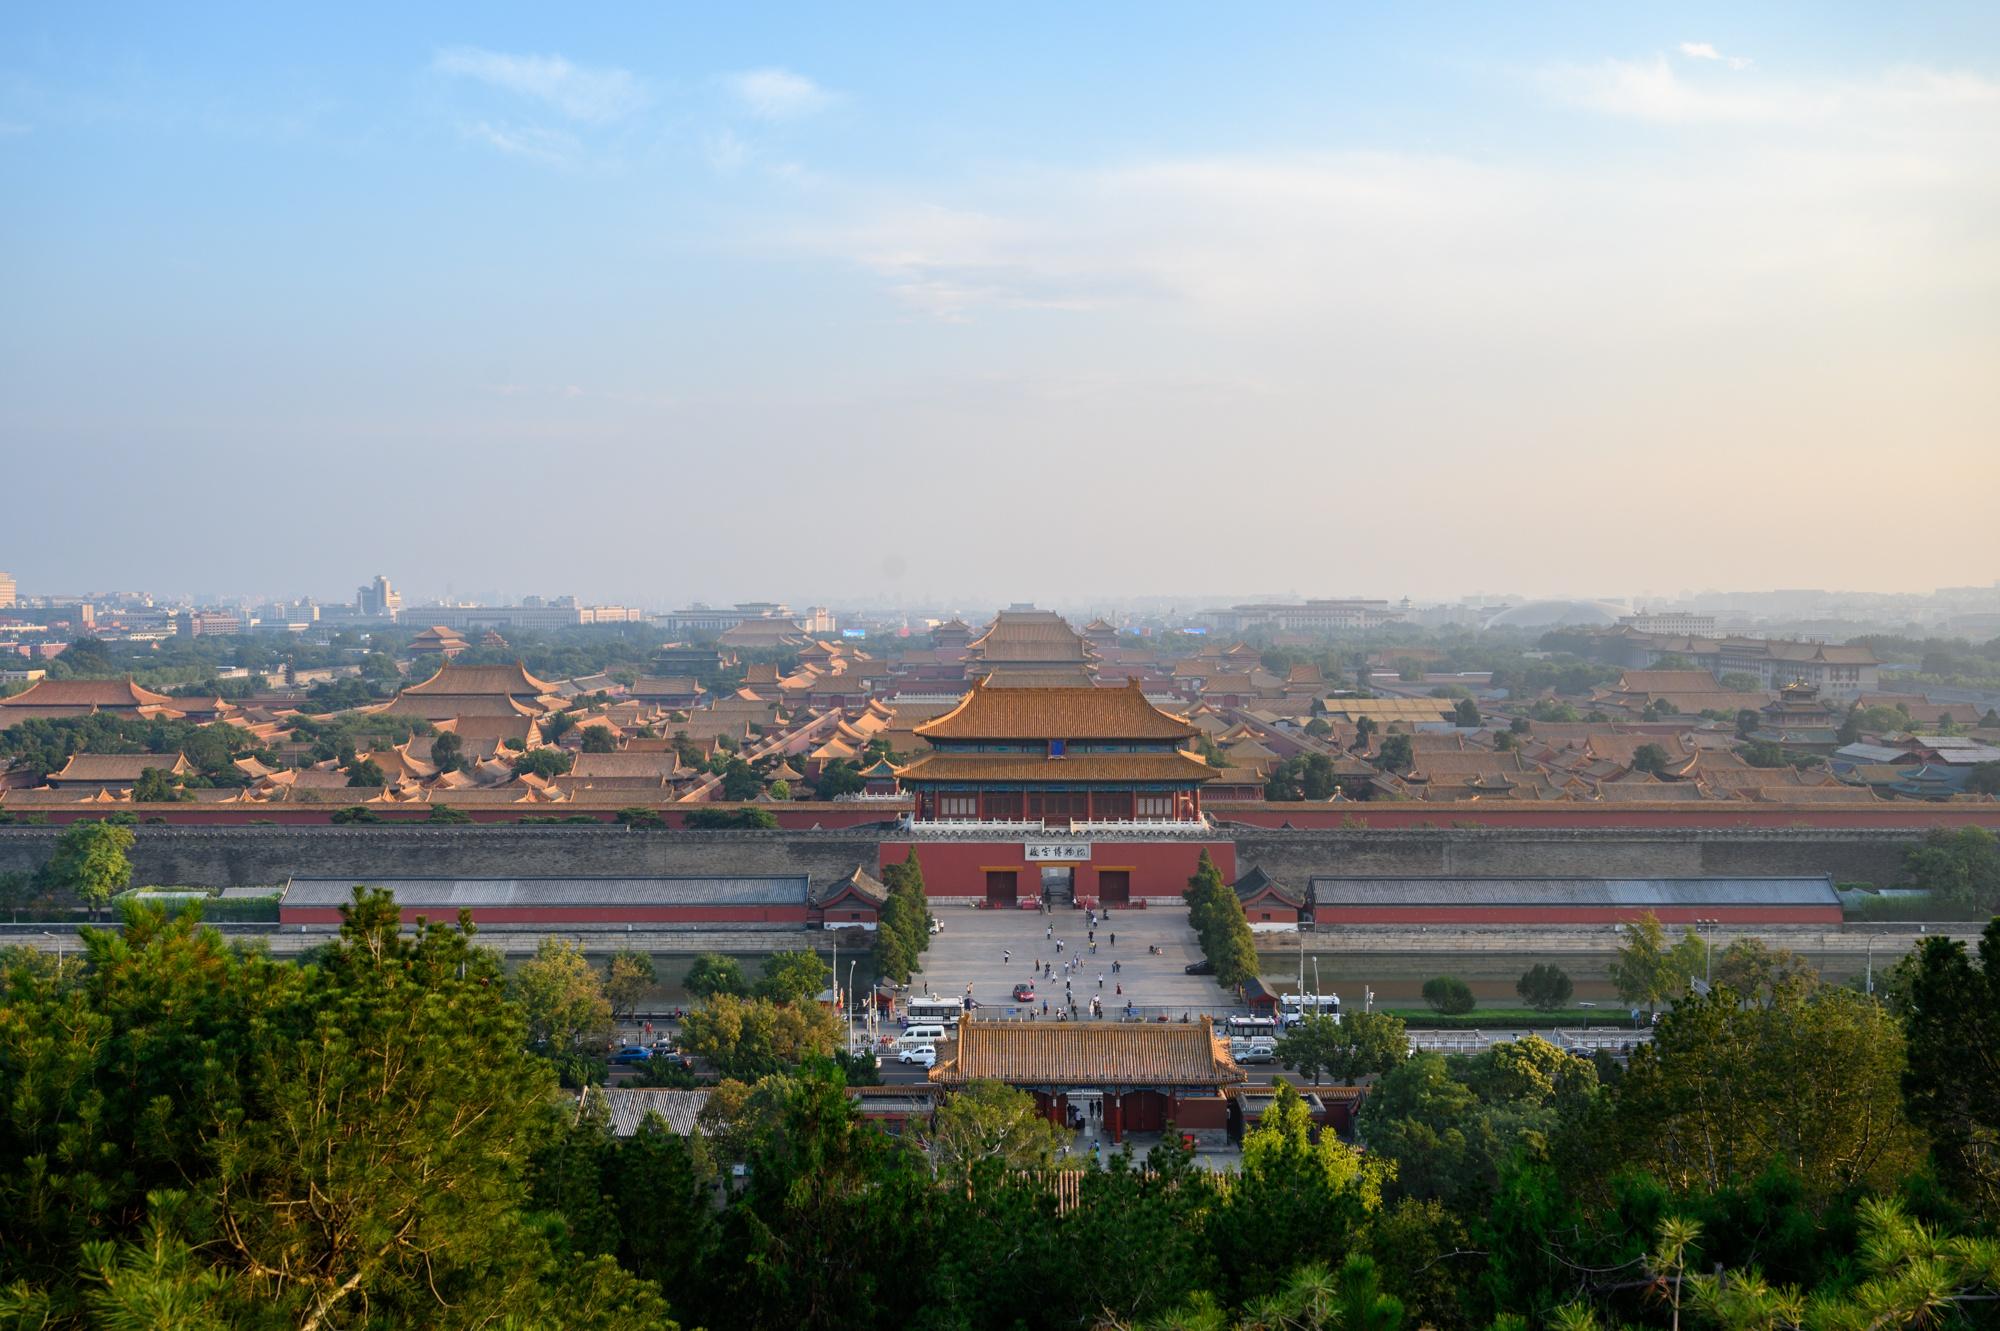 北京景山公园,可俯瞰故宫全景的地方,门票只要2块钱